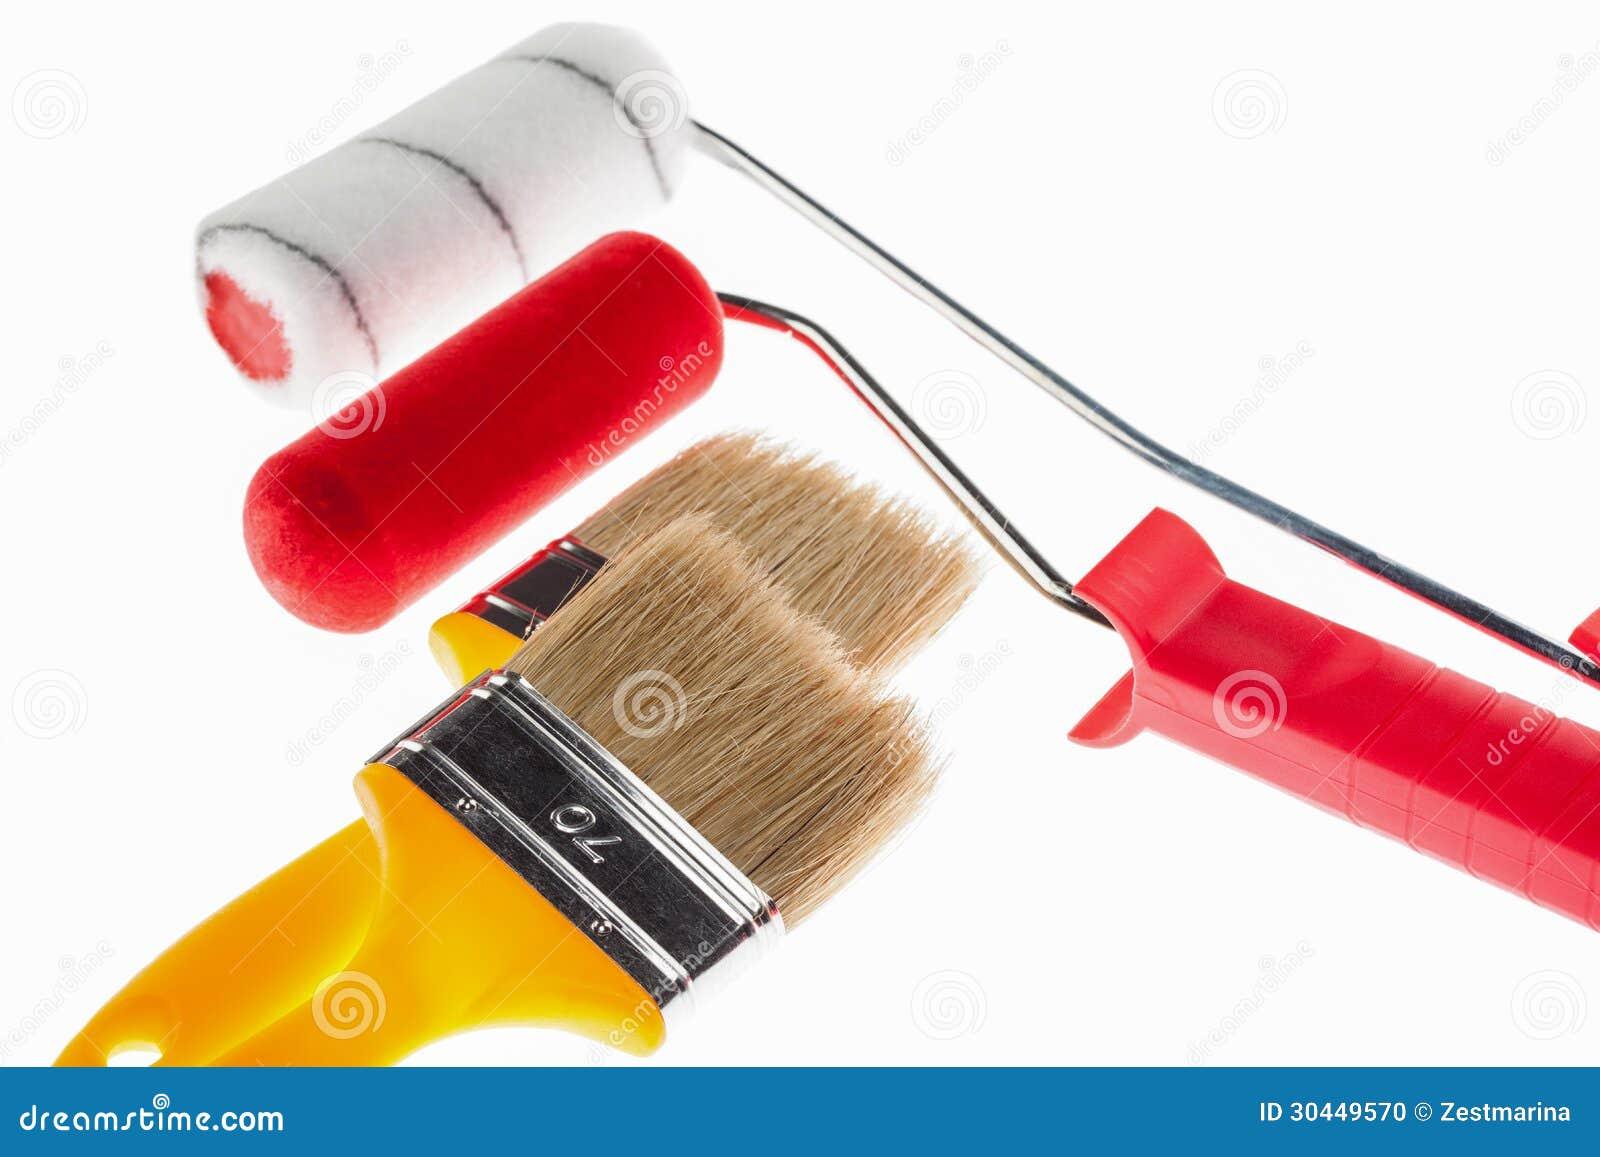 Pinceaux de construction et rouleaux de peinture photo stock image 30449570 - Nettoyer des pinceaux de peinture ...